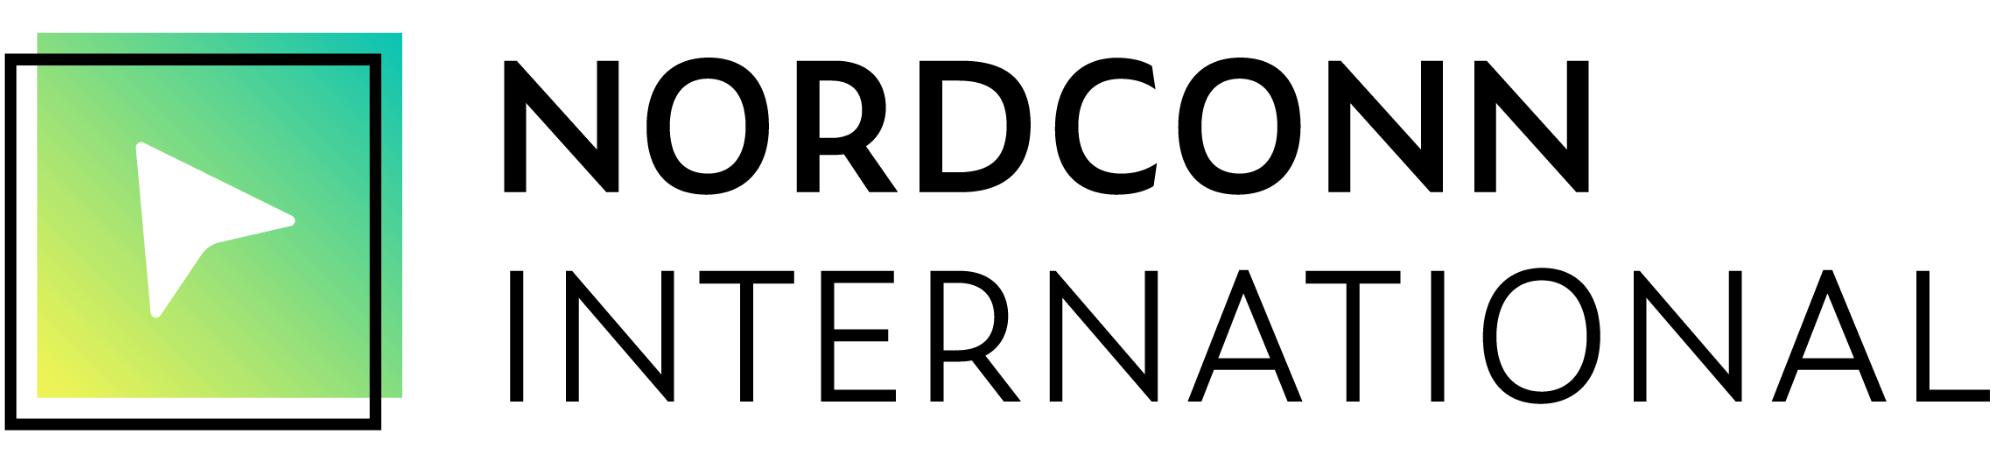 nordconn-logo